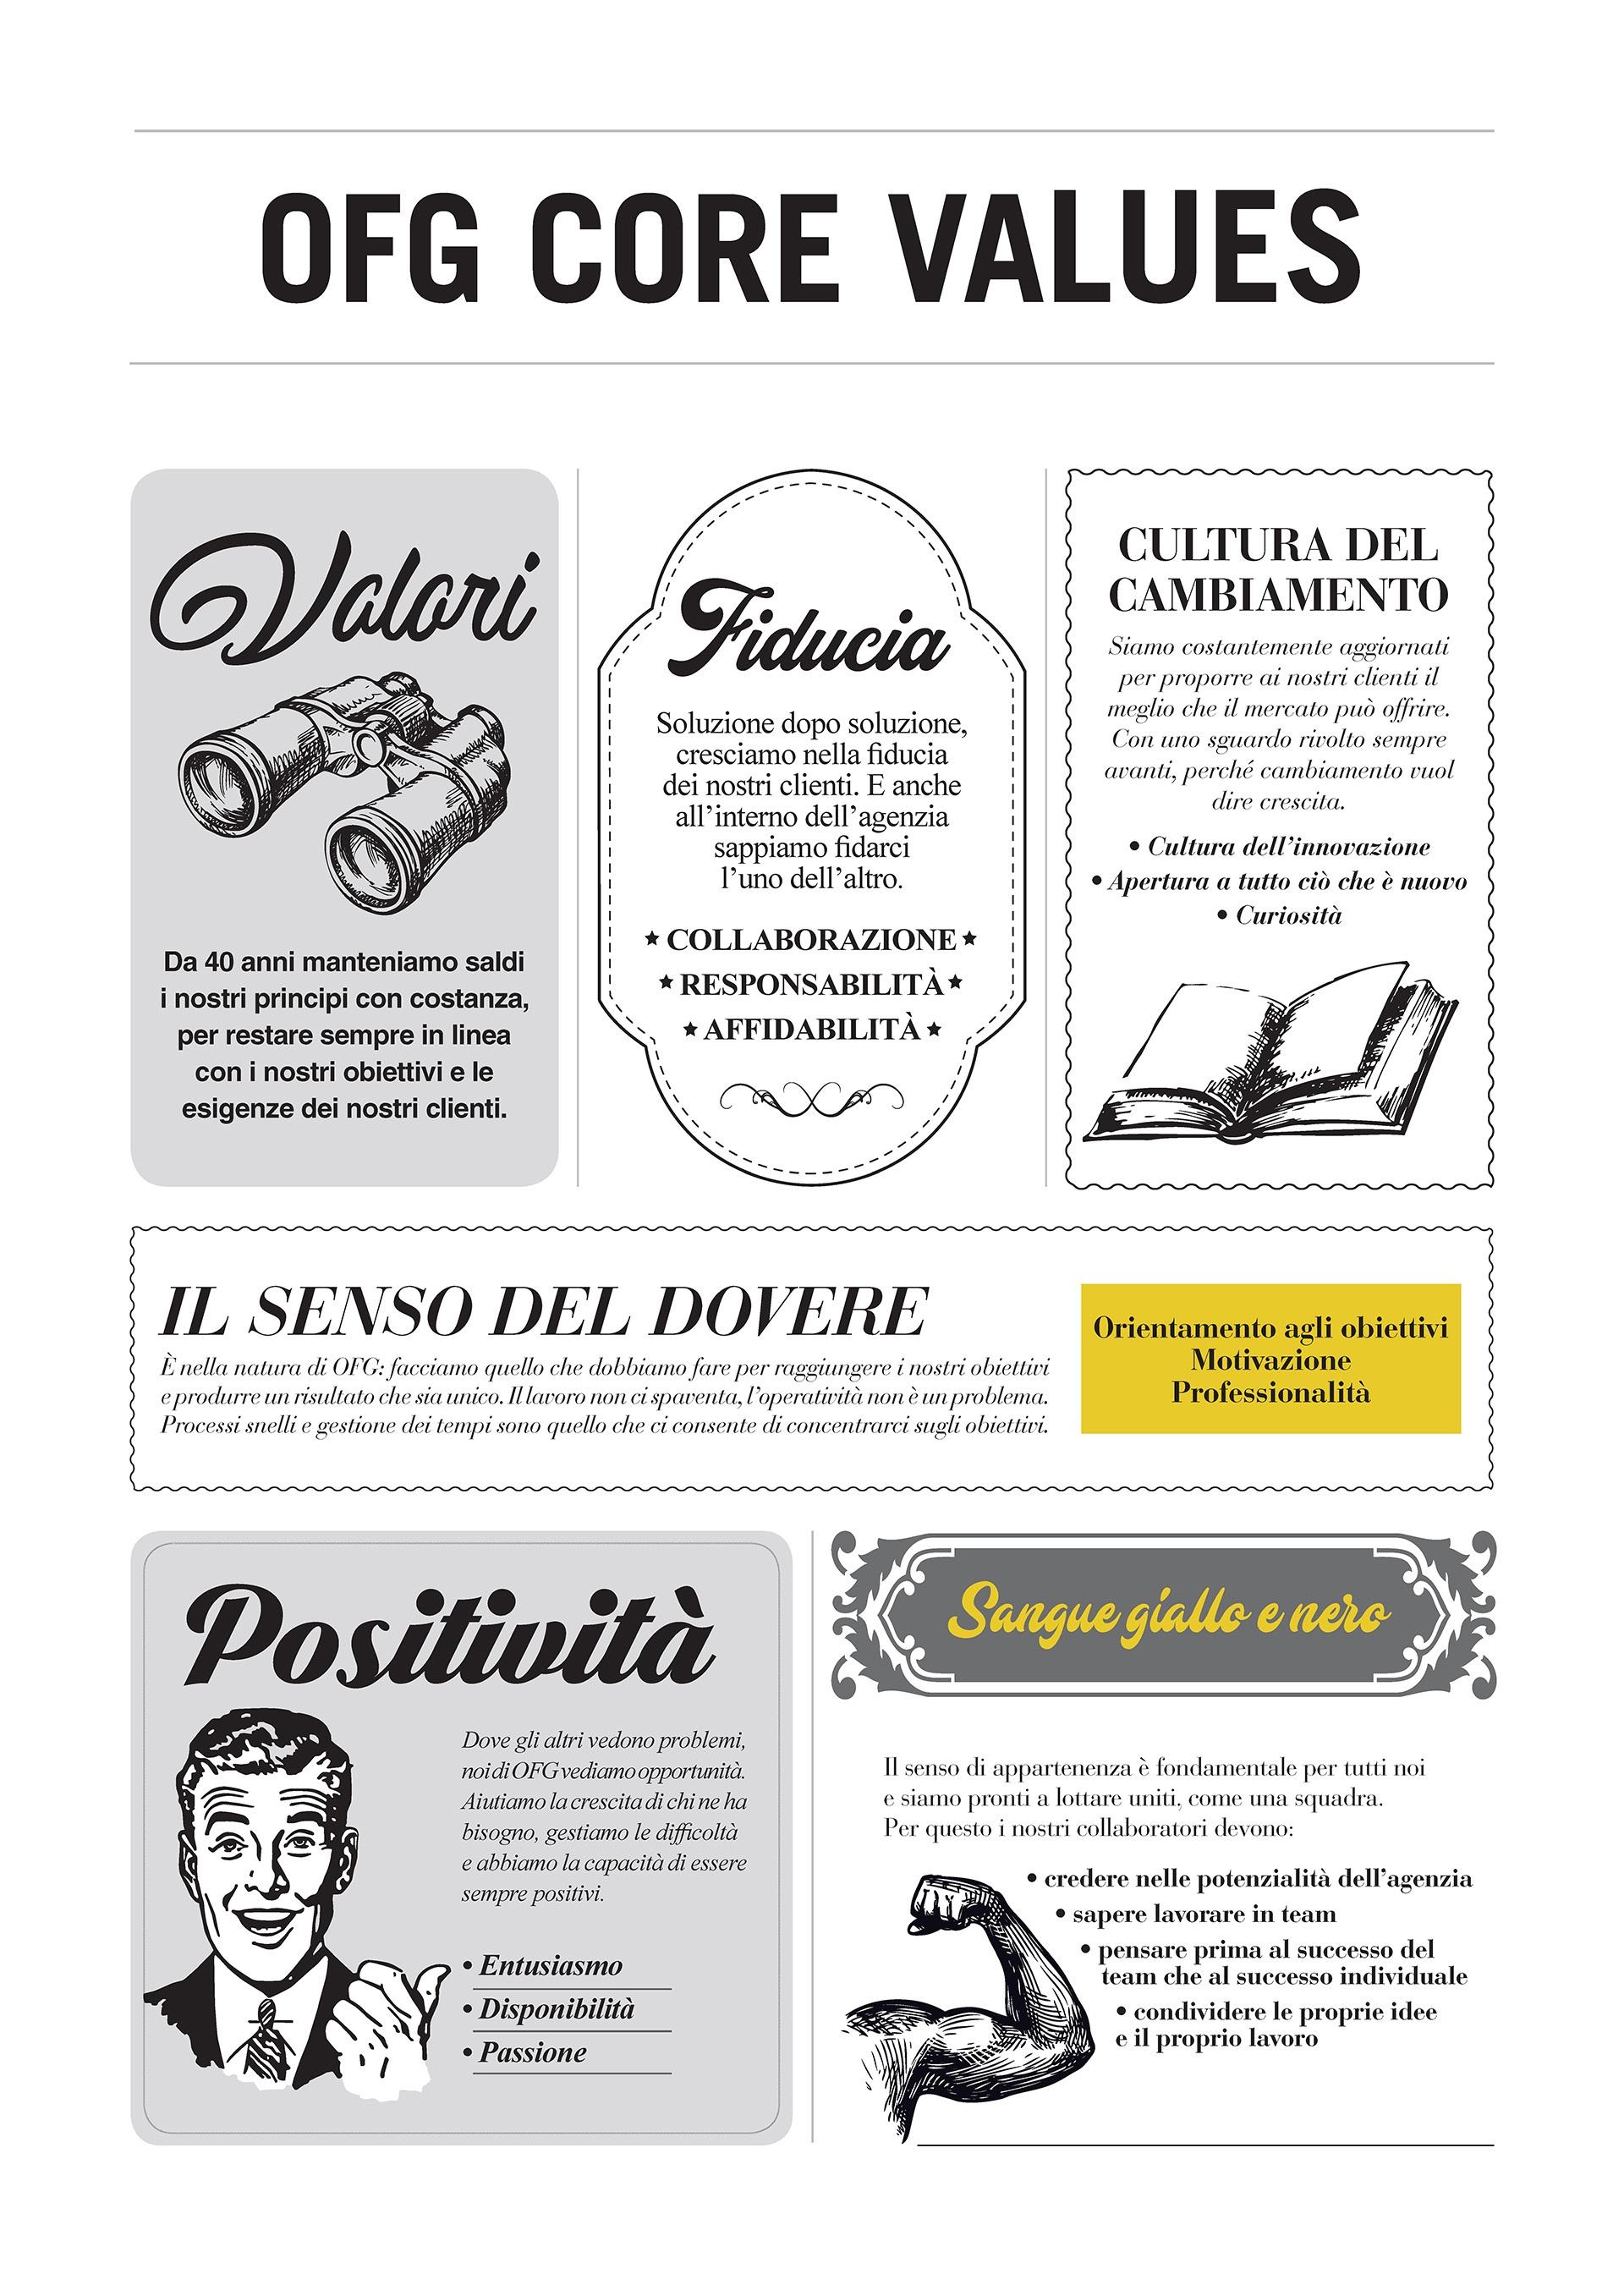 OFG Advertising Agenzia di Comunicazione a Milano Core Values_sito web